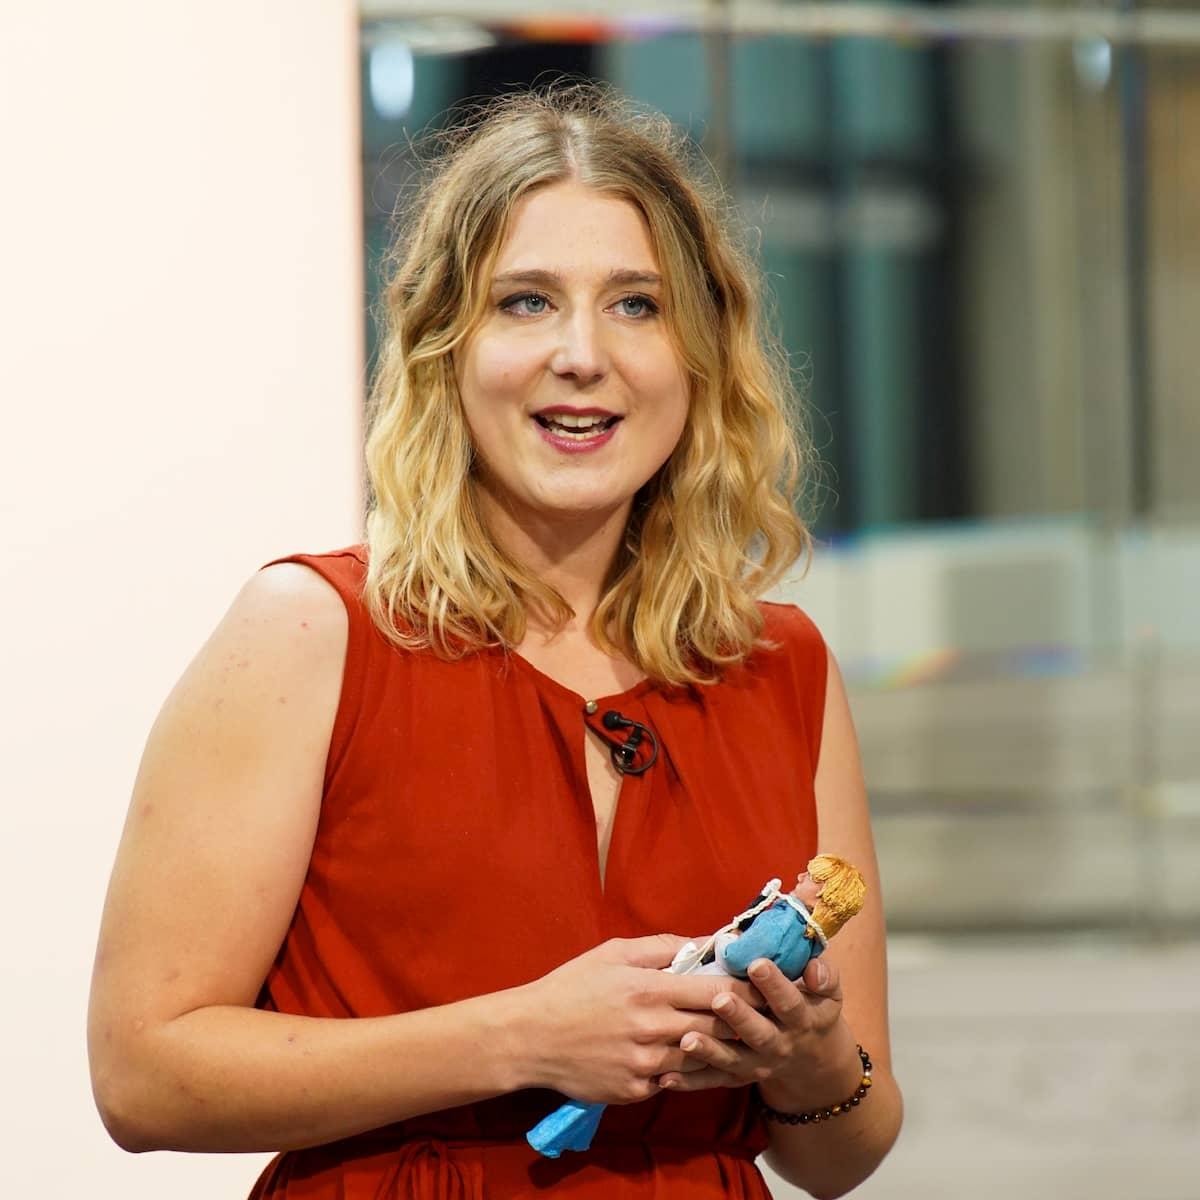 Joleen Kristin Albrecht bei DSDS am 18.1.2020 als Kandidatin